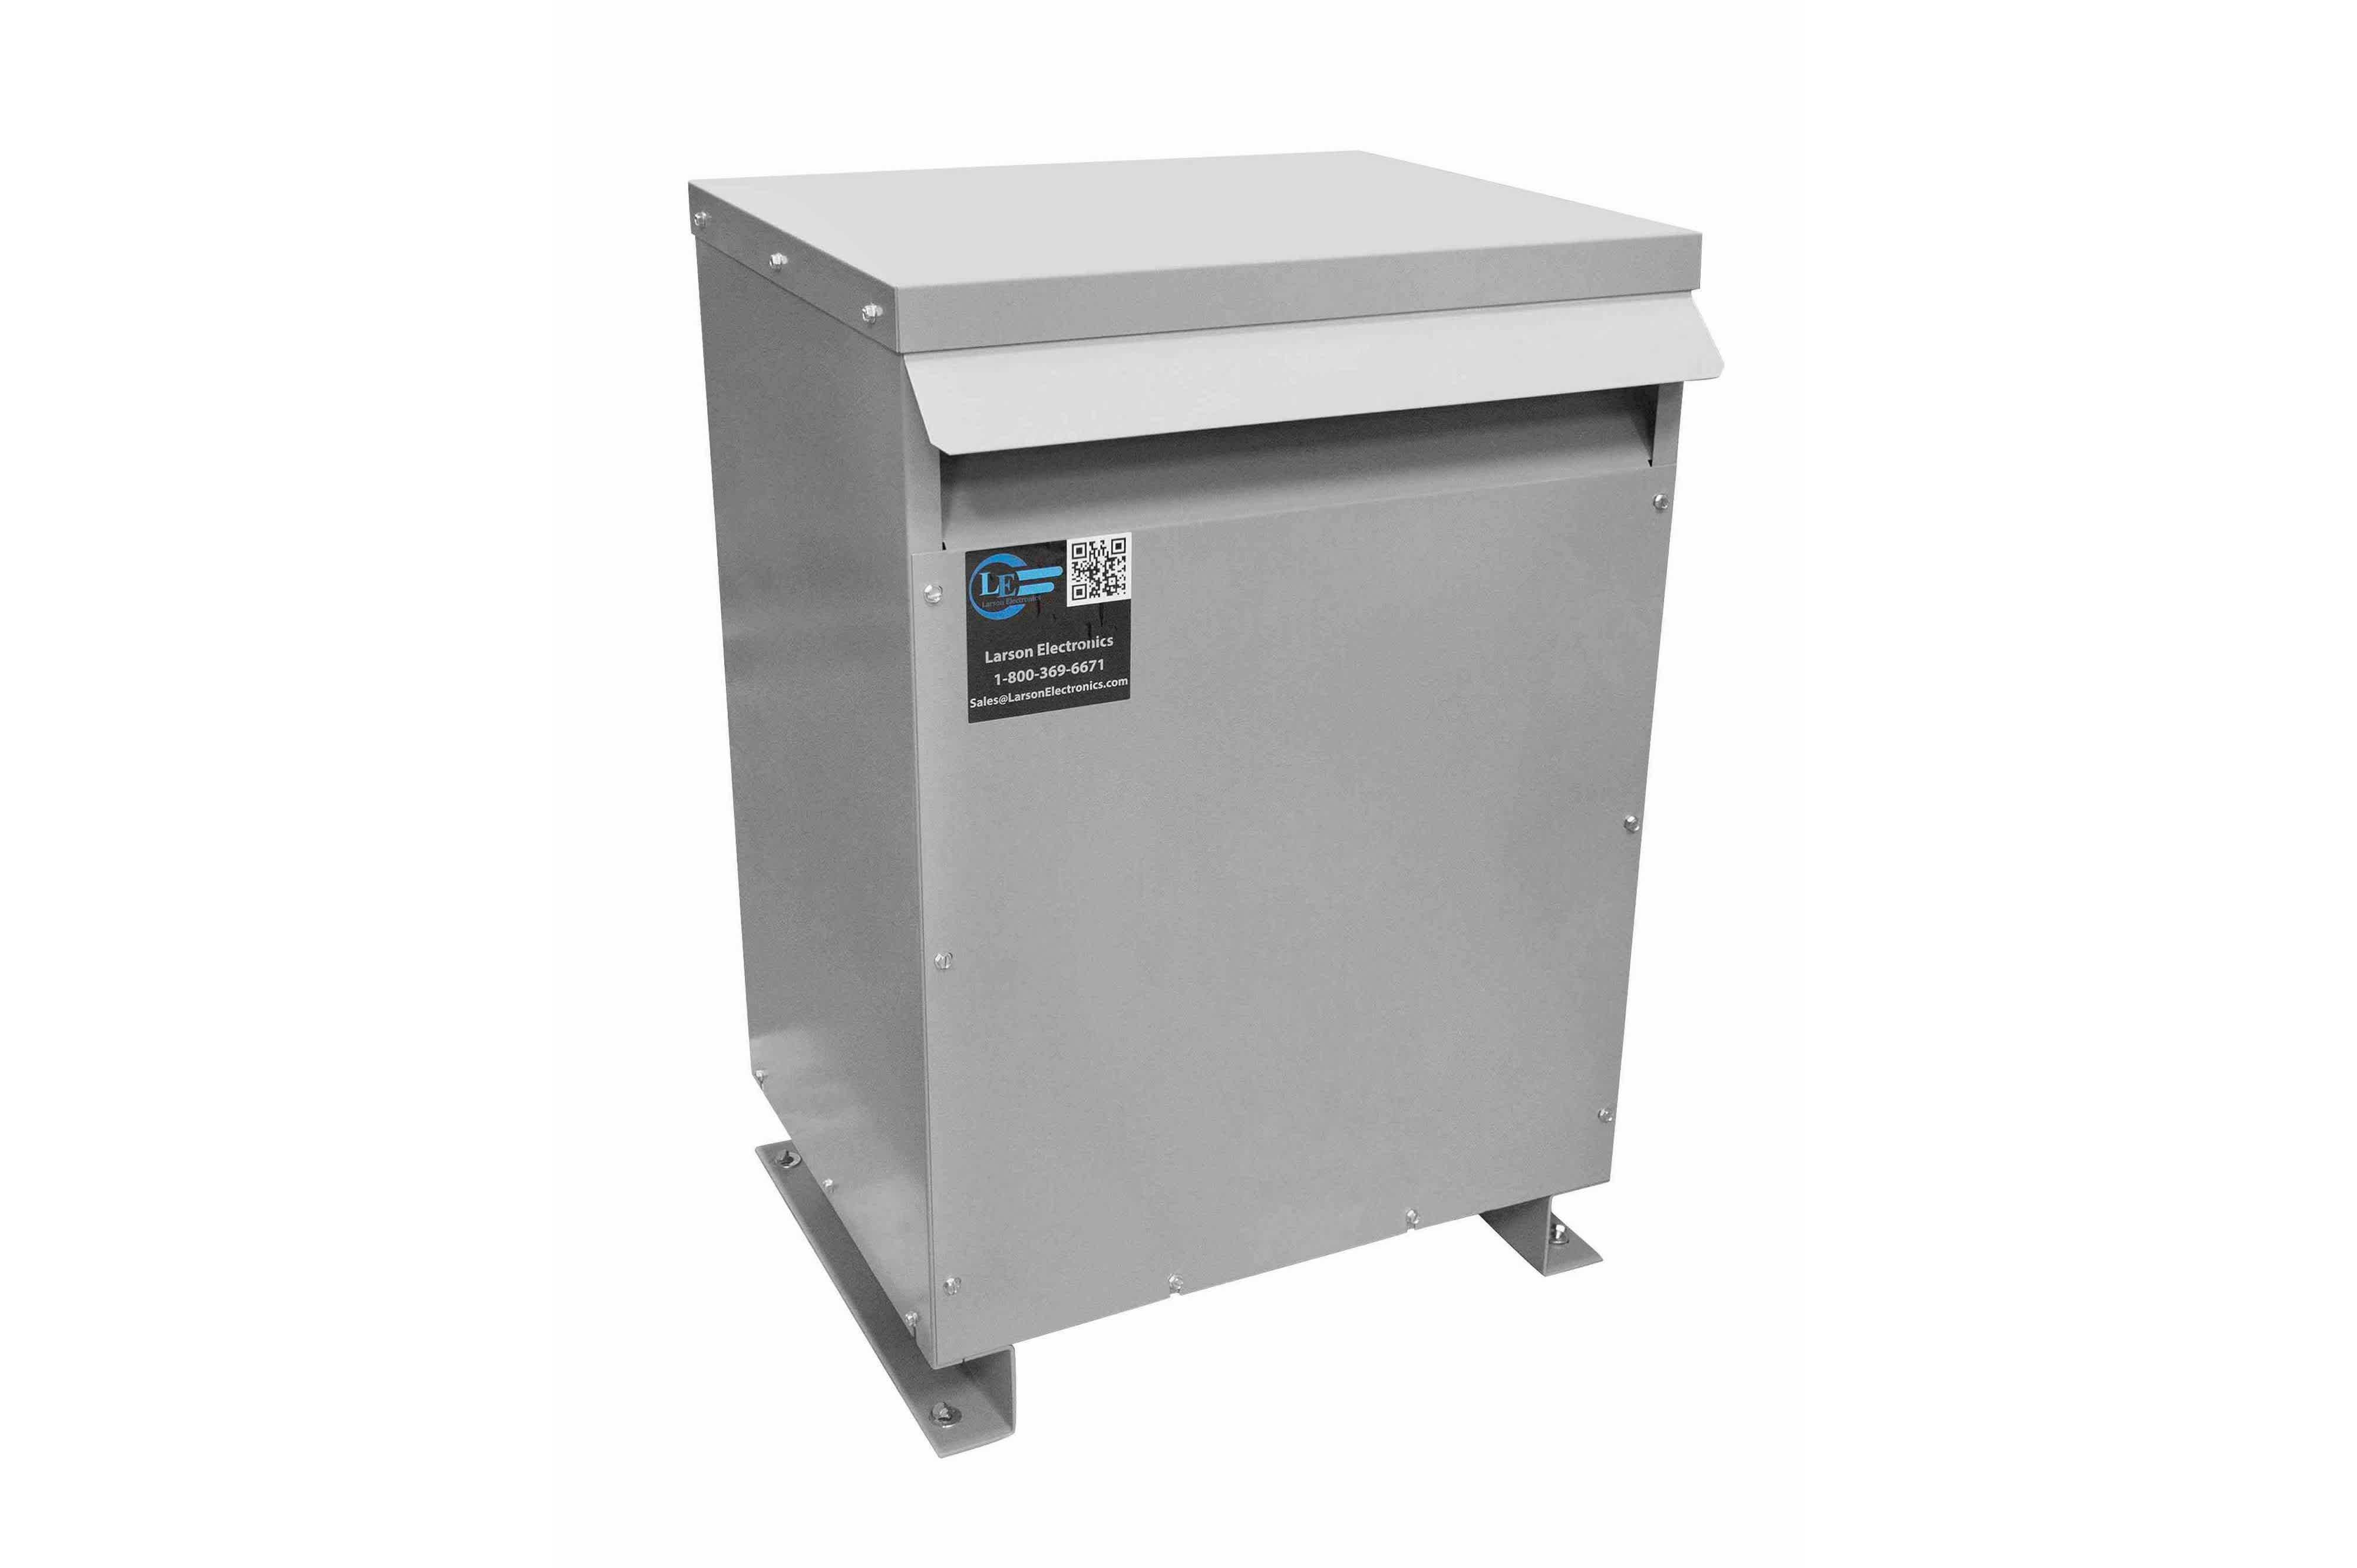 300 kVA 3PH Isolation Transformer, 480V Delta Primary, 480V Delta Secondary, N3R, Ventilated, 60 Hz